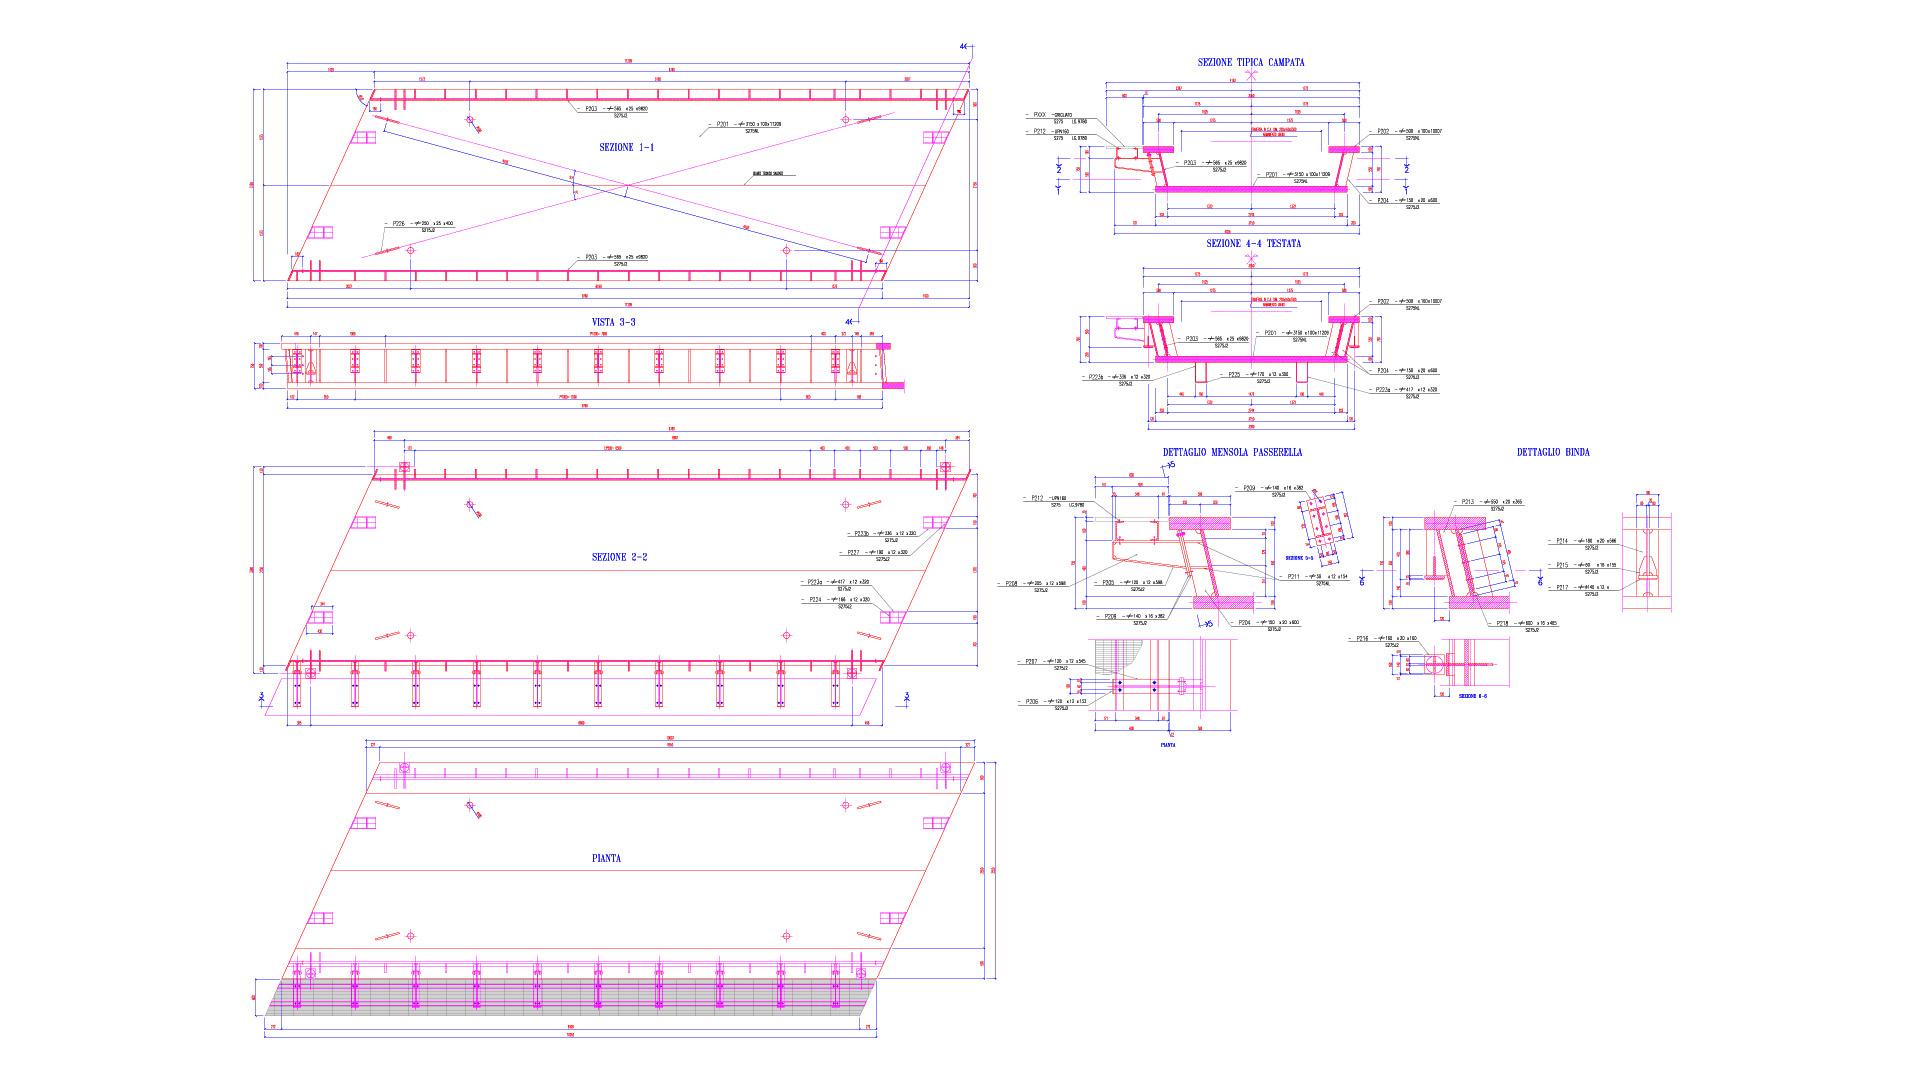 ponte-ferroviario-san-bonifacio-progetto-metal-engineering-carpenteria-metallica-civile